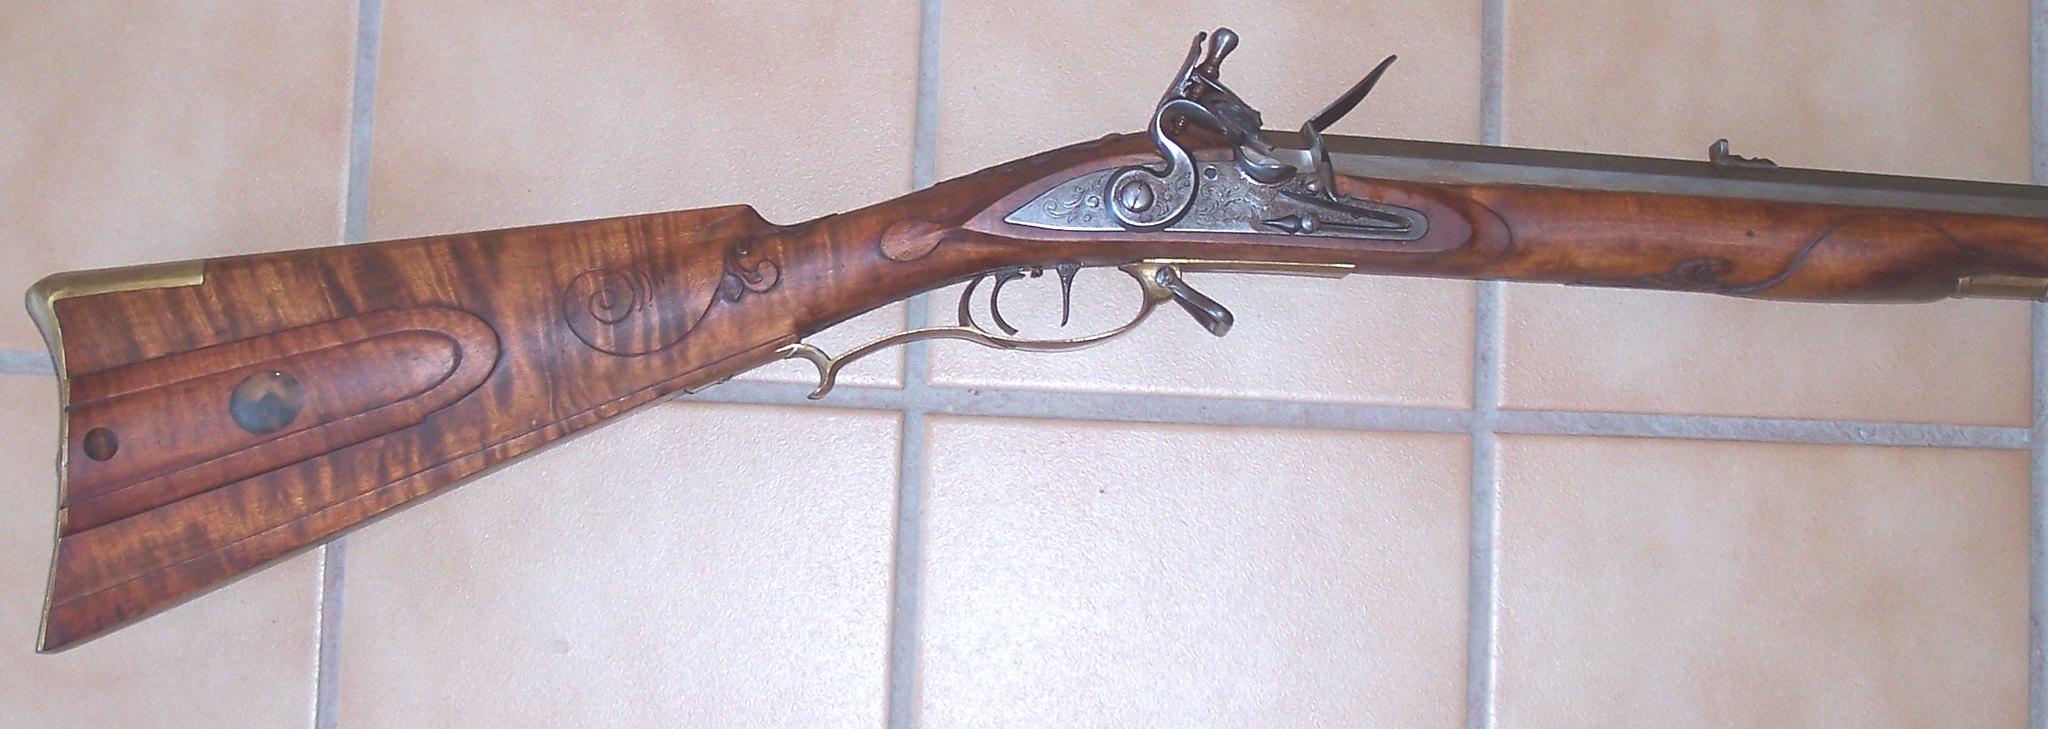 Primitive Weapon Rifle